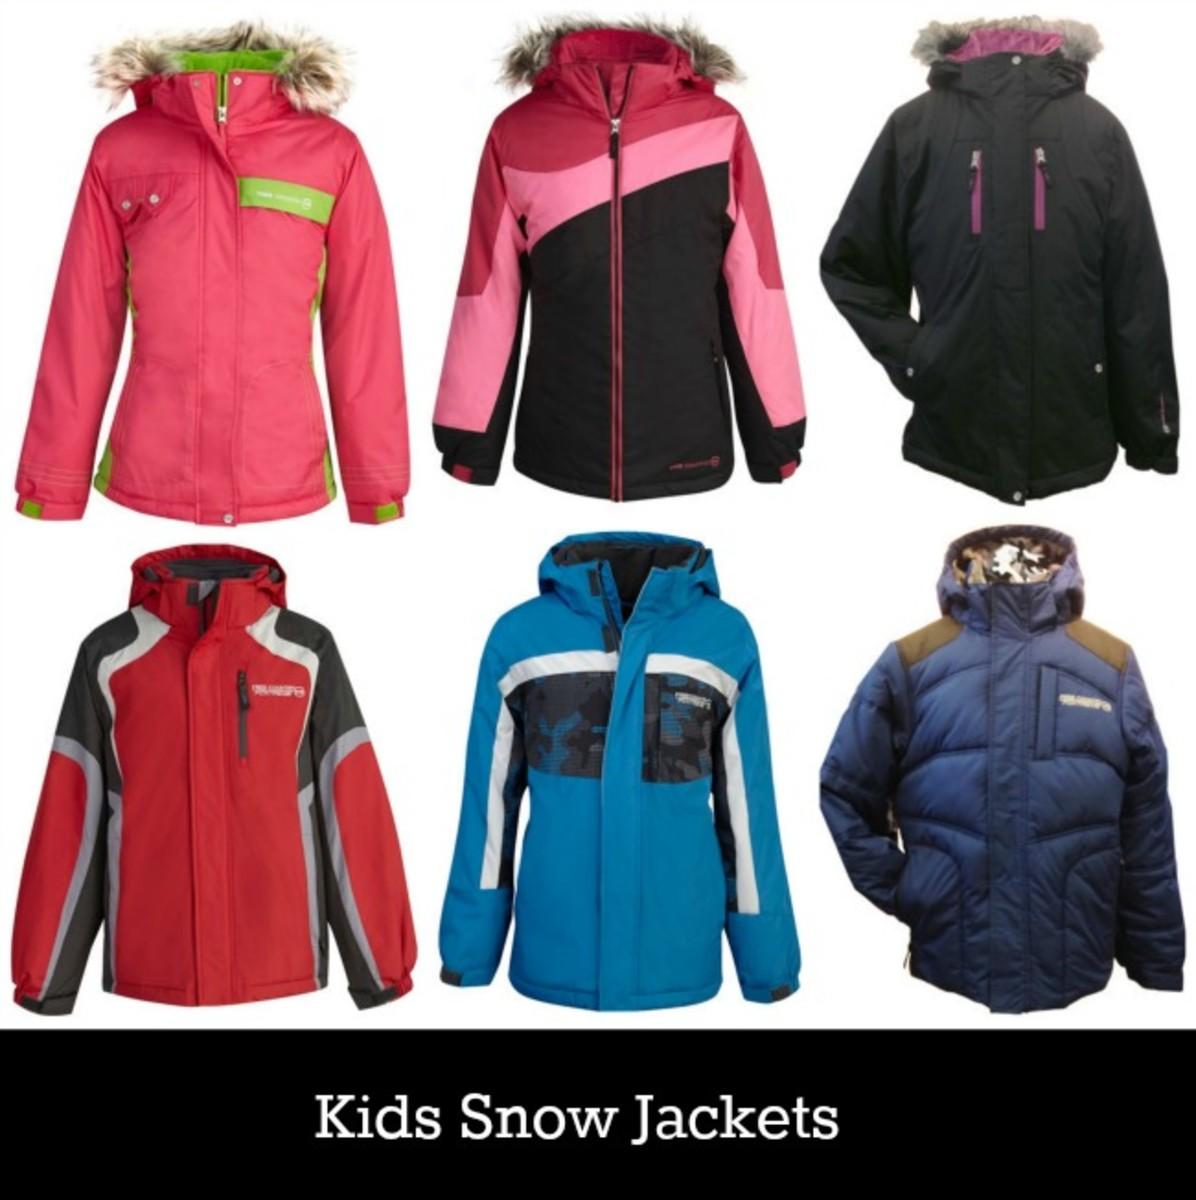 snowjackets